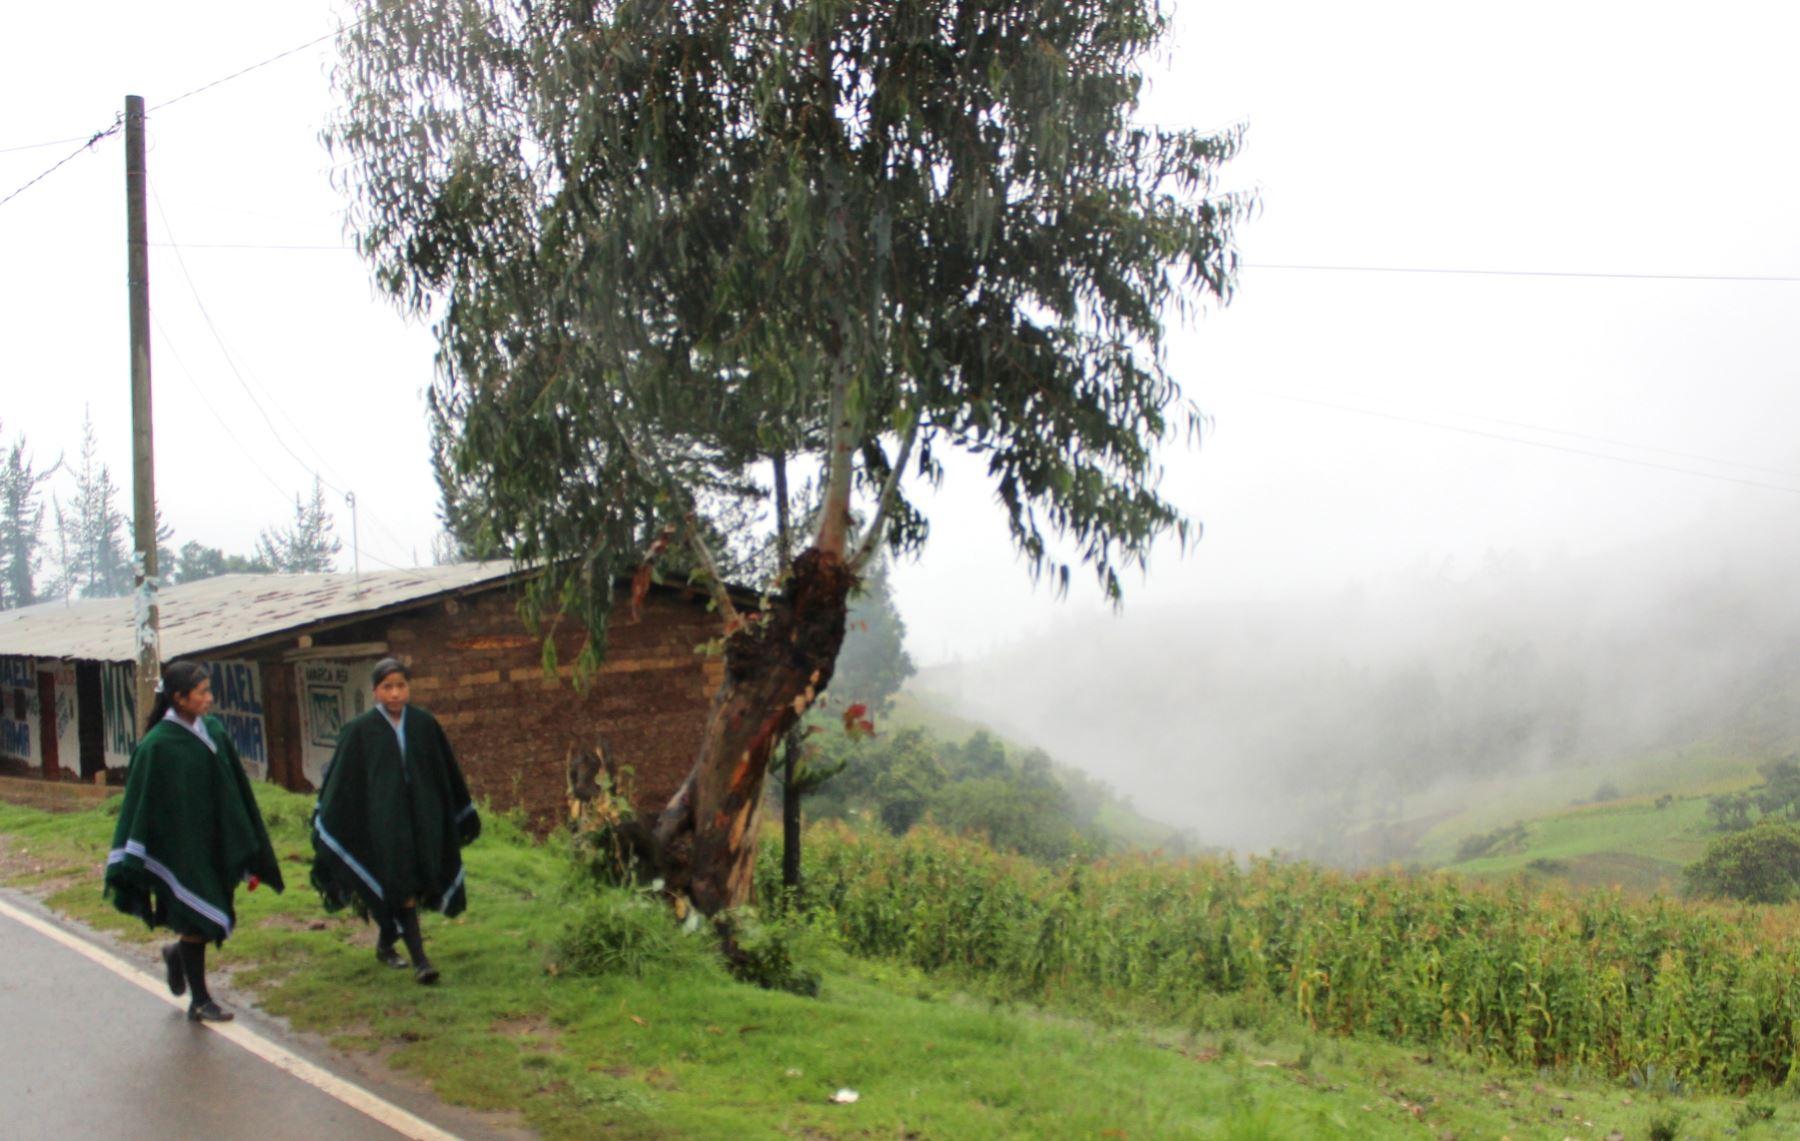 Se suspendieron las labores escolares en varios colegios de Piura por las lluvias intensas que se registran en la región. ANDINA